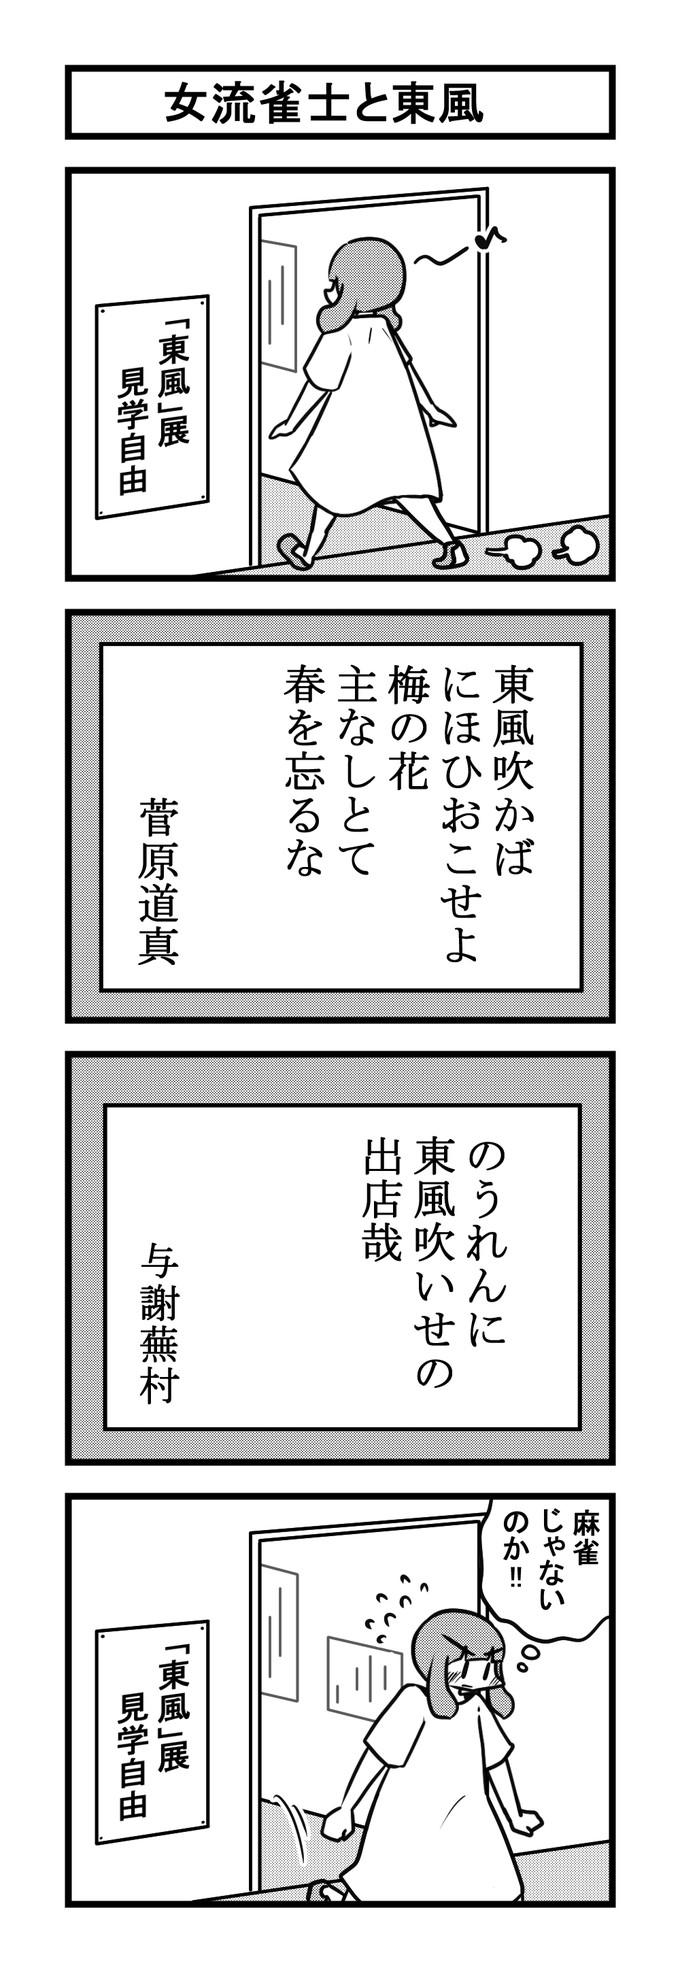 995女流雀士と東風-min